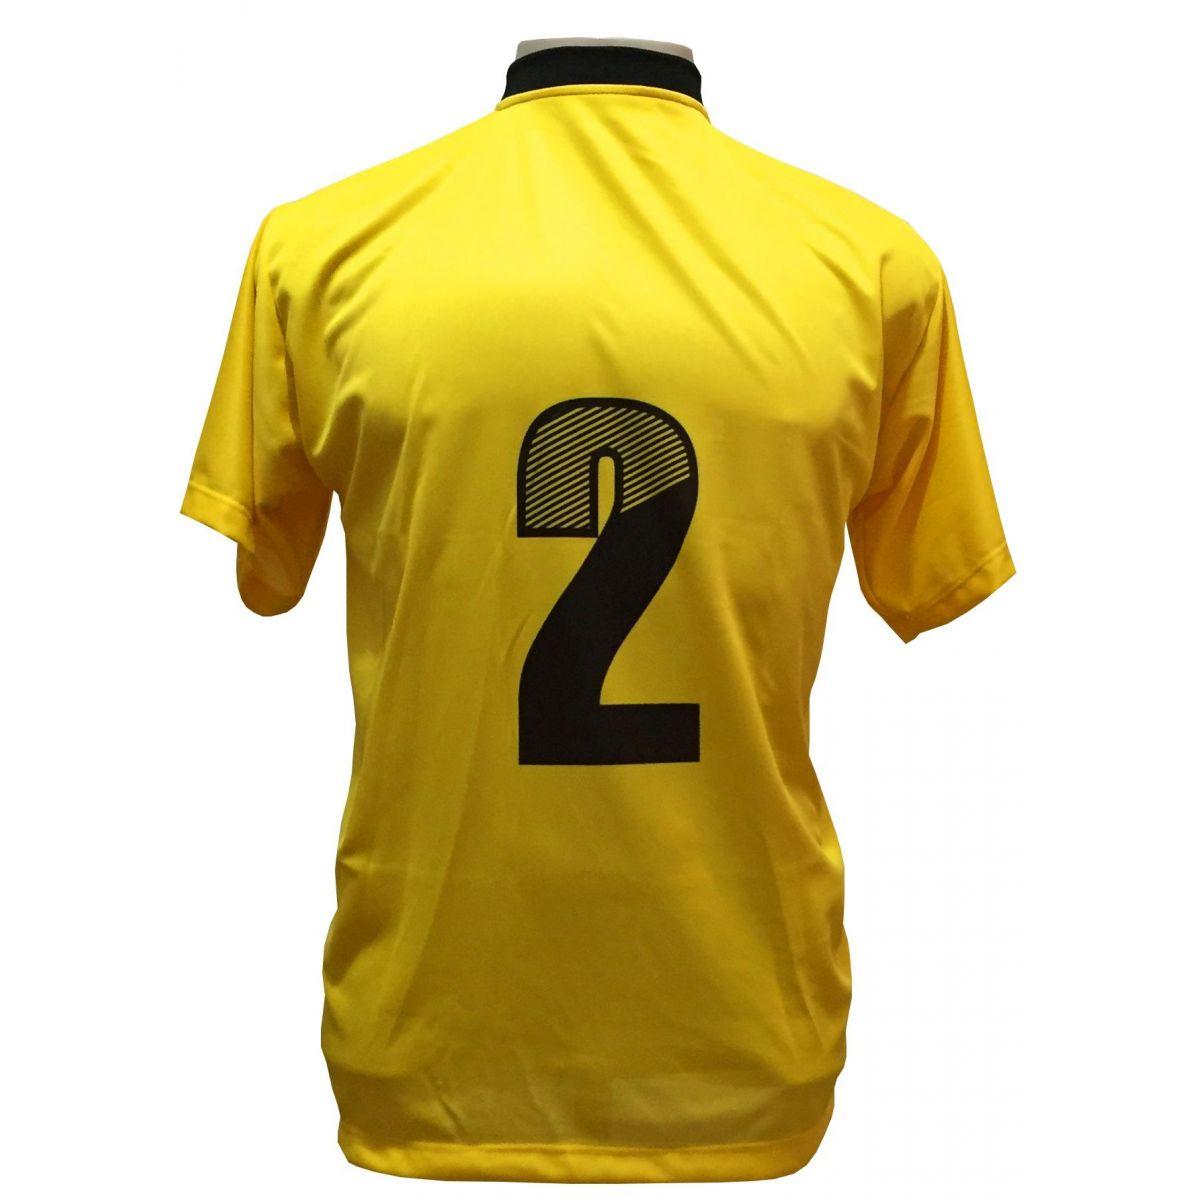 Uniforme Esportivo com 12 Camisas modelo Roma Amarelo/Preto + 12 Calções modelo Copa Preto/Amarelo  - ESTAÇÃO DO ESPORTE